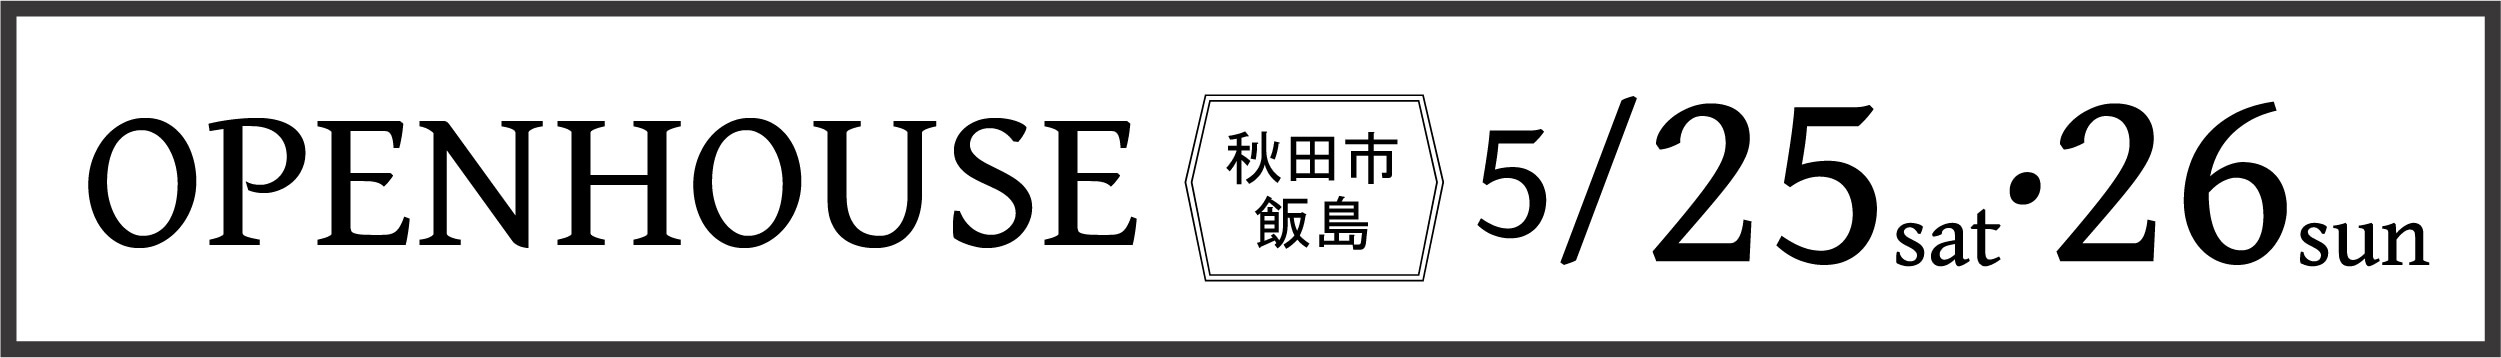 秋田市飯島にて新築完成内覧会開催!